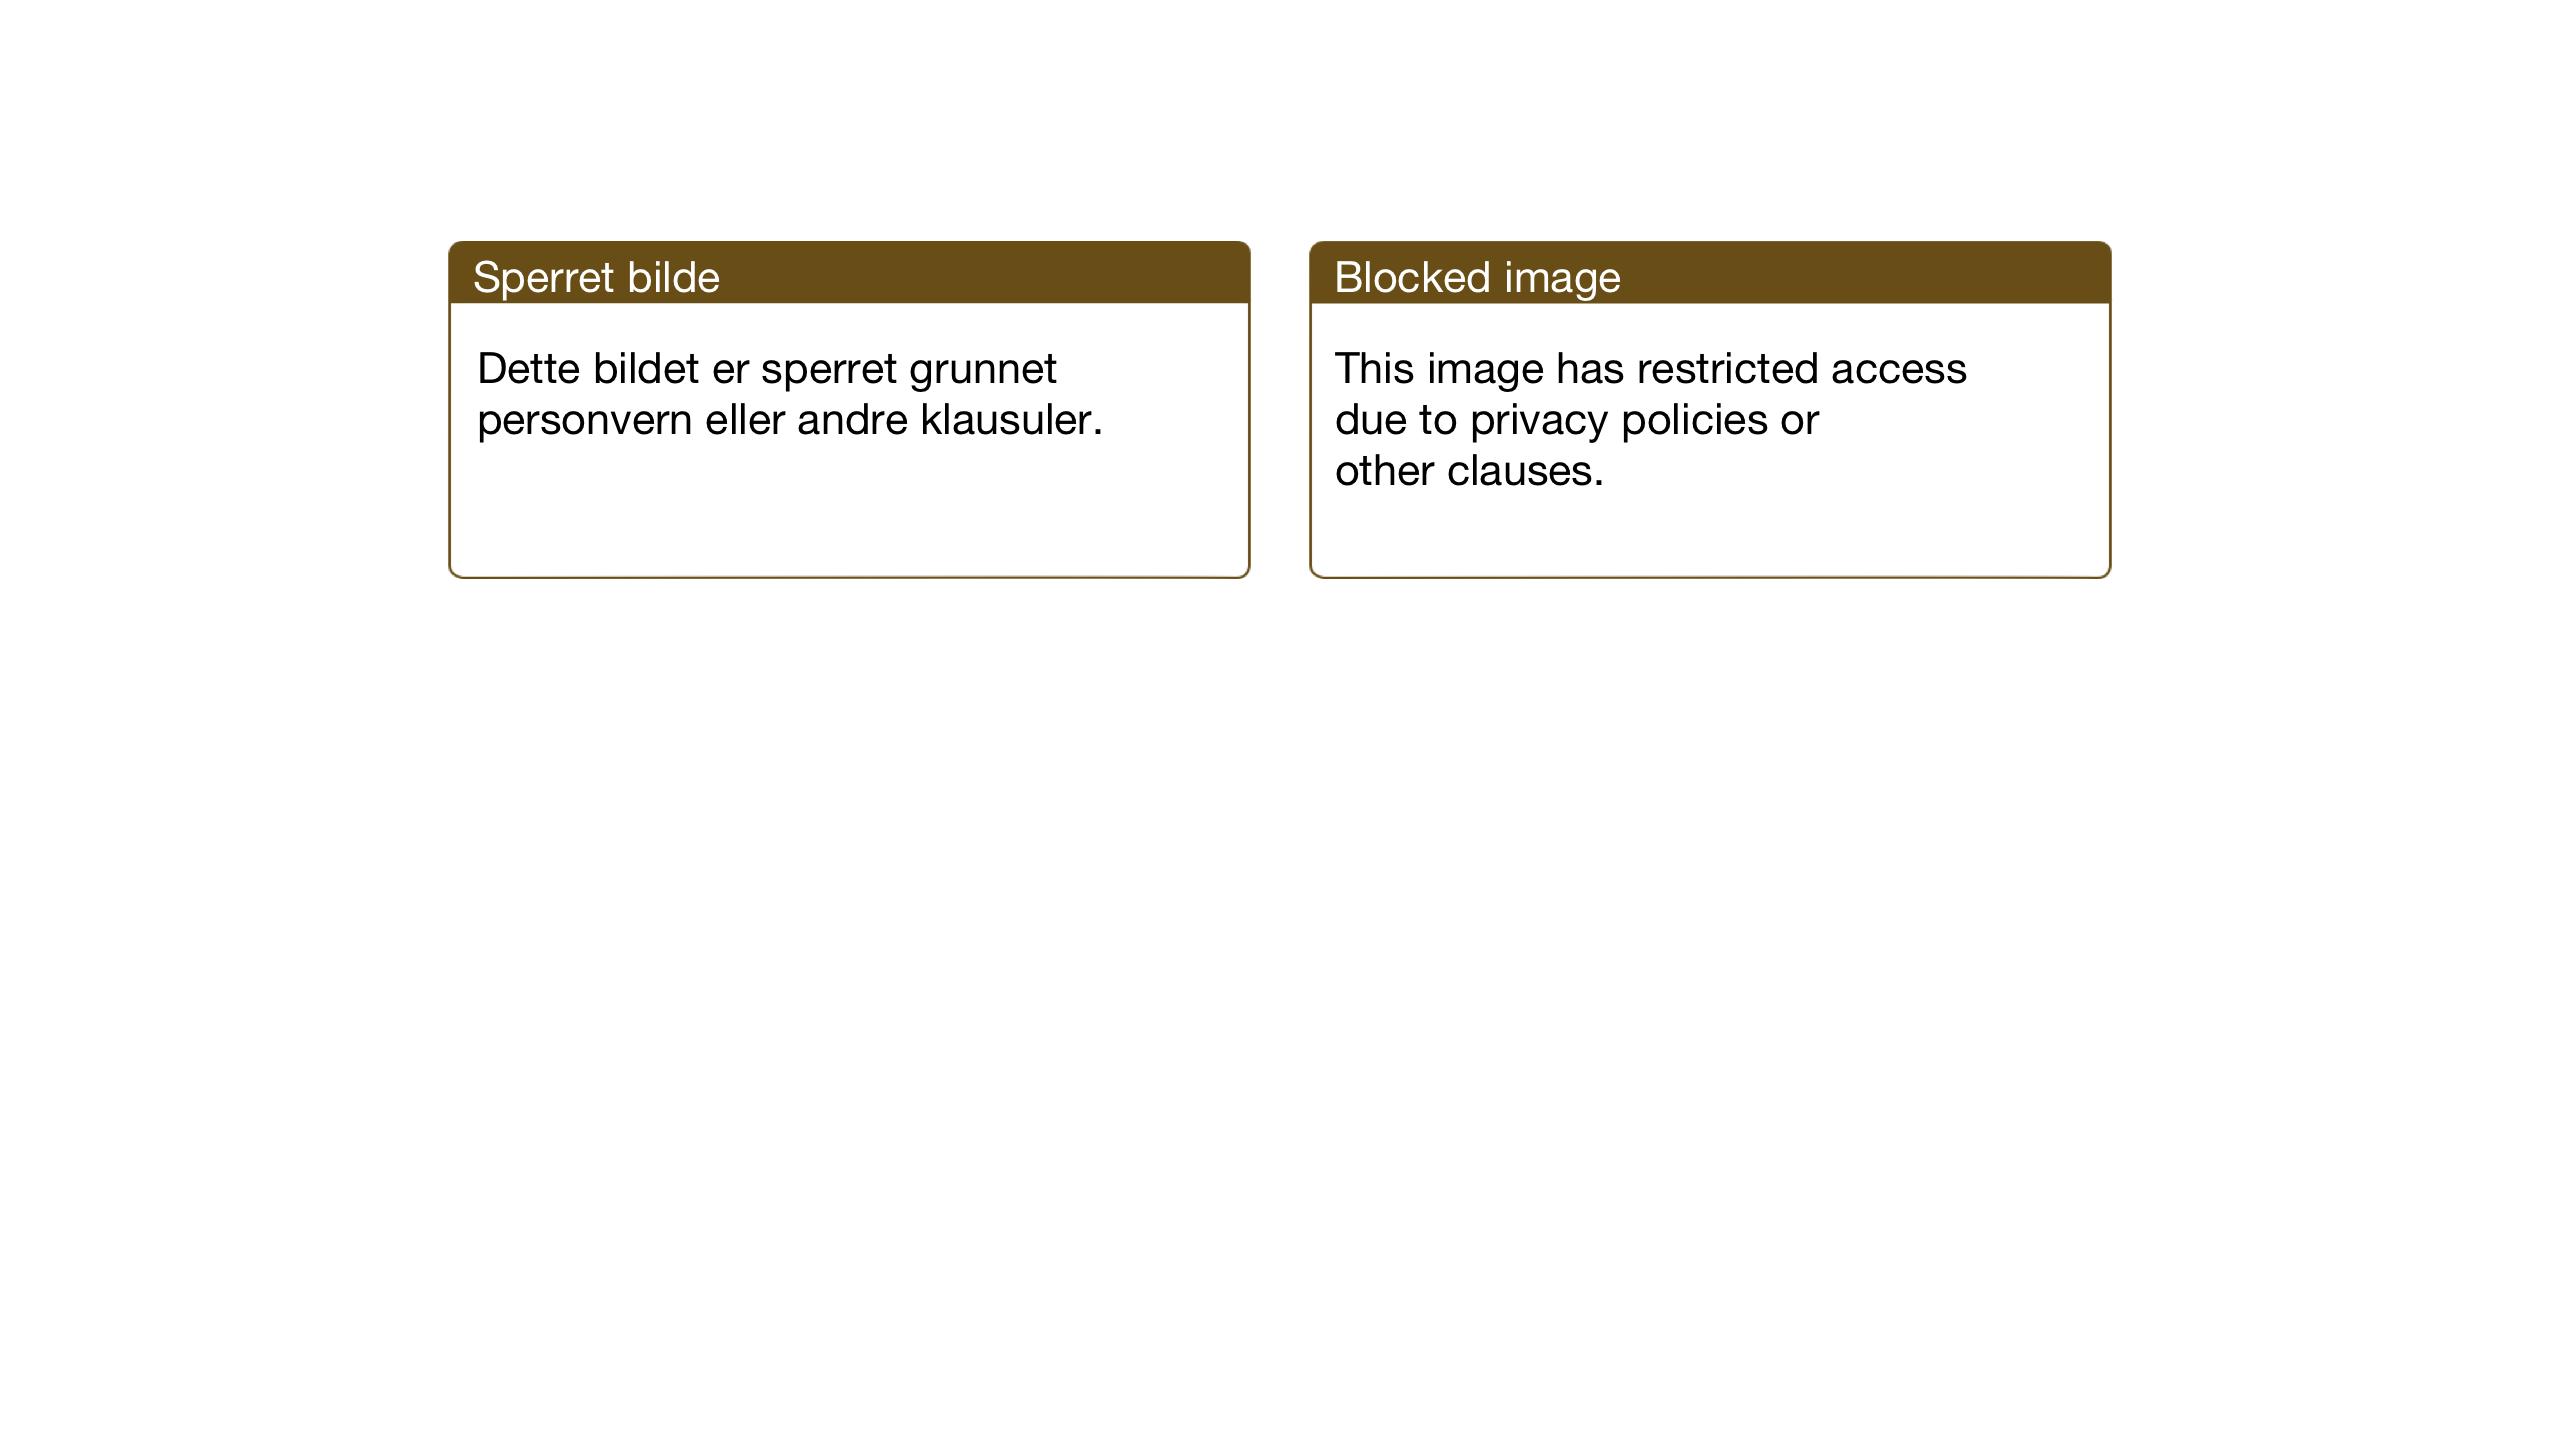 SAT, Ministerialprotokoller, klokkerbøker og fødselsregistre - Sør-Trøndelag, 615/L0401: Klokkerbok nr. 615C02, 1922-1941, s. 160